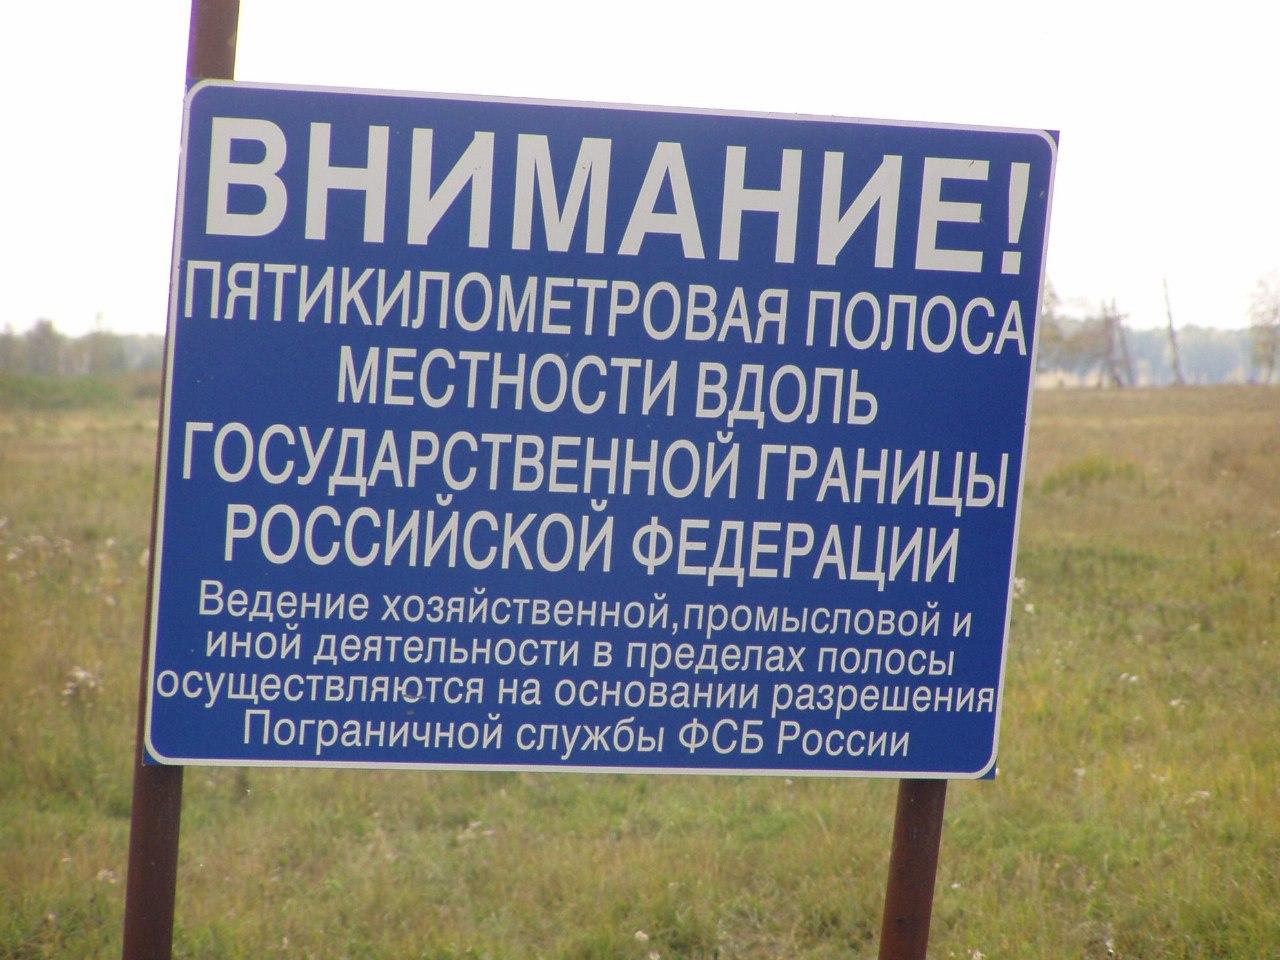 Североказахстанцев попросили воздержаться от поездок в Россию